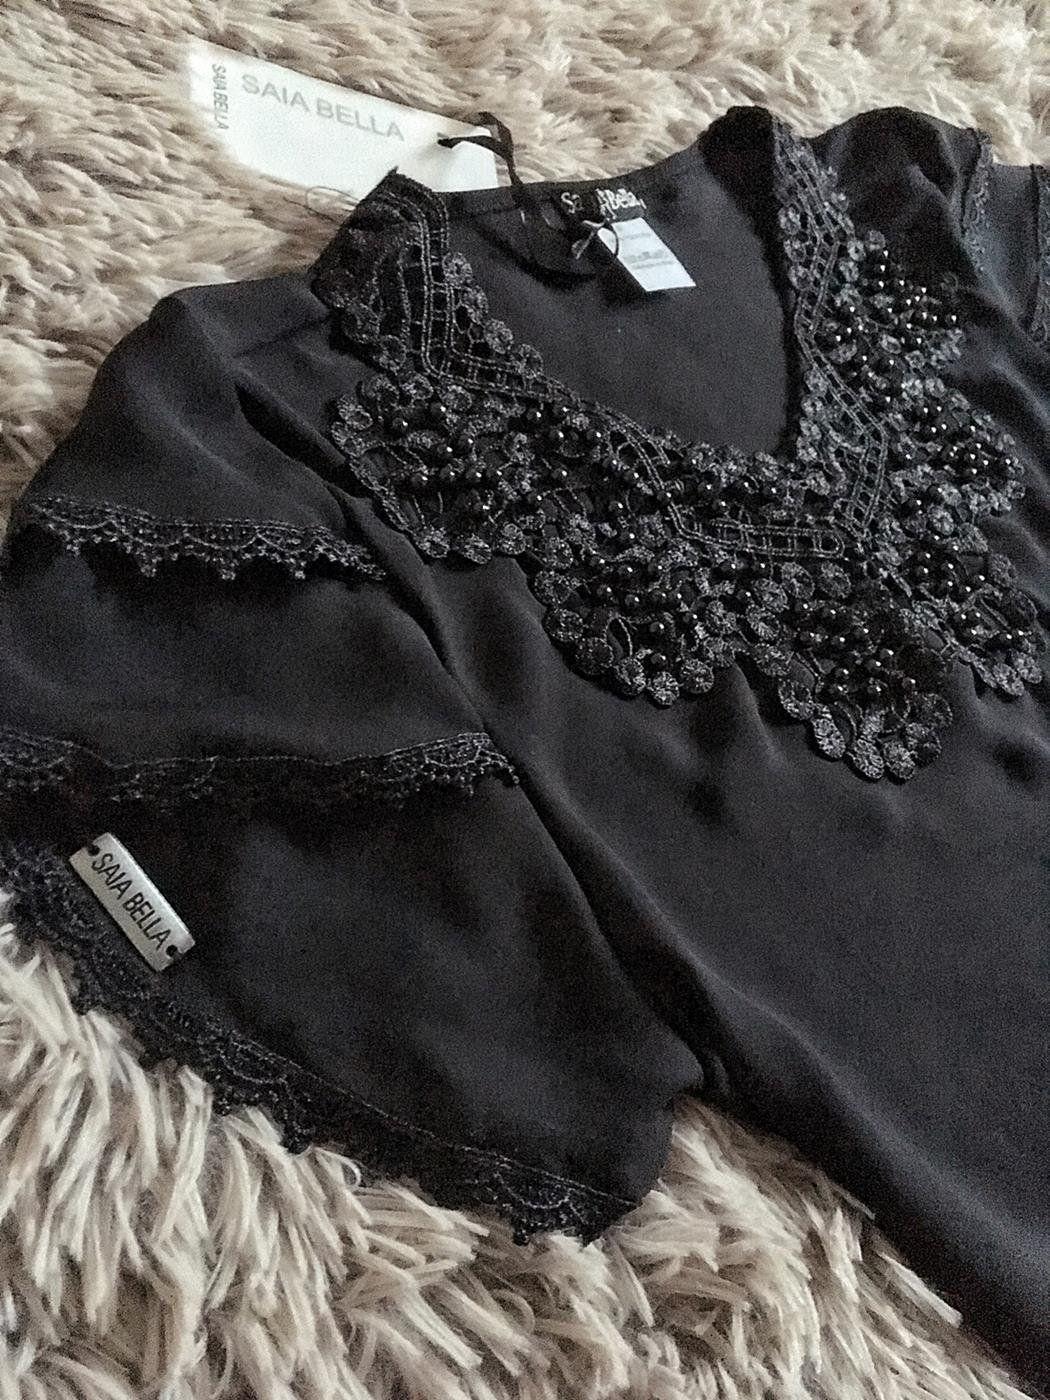 Blusa de Renda Saia Bella - SB9963 preto